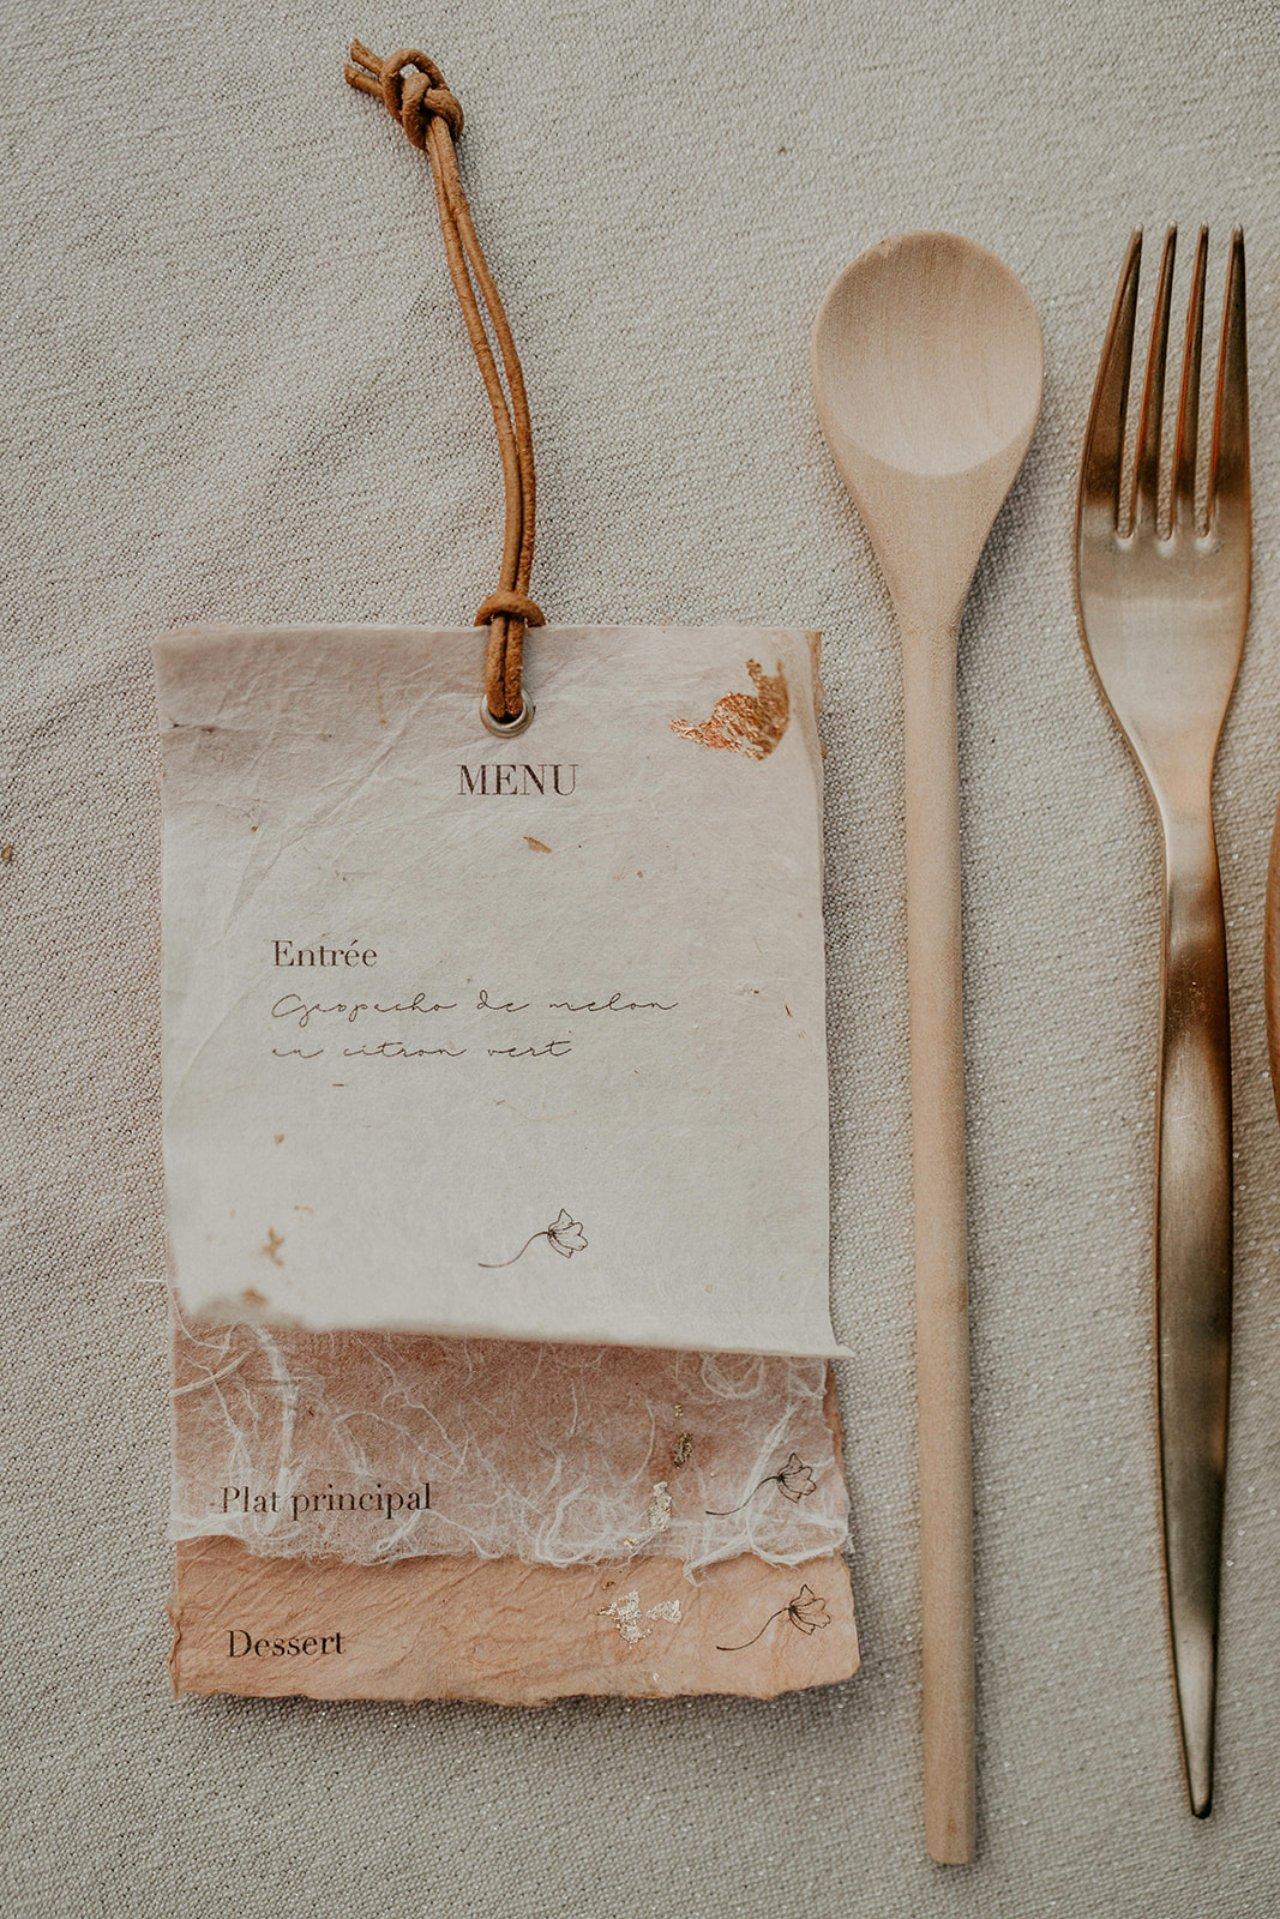 Idée pour réaliser soi même ses menus de mariage dans du papier recyclé.